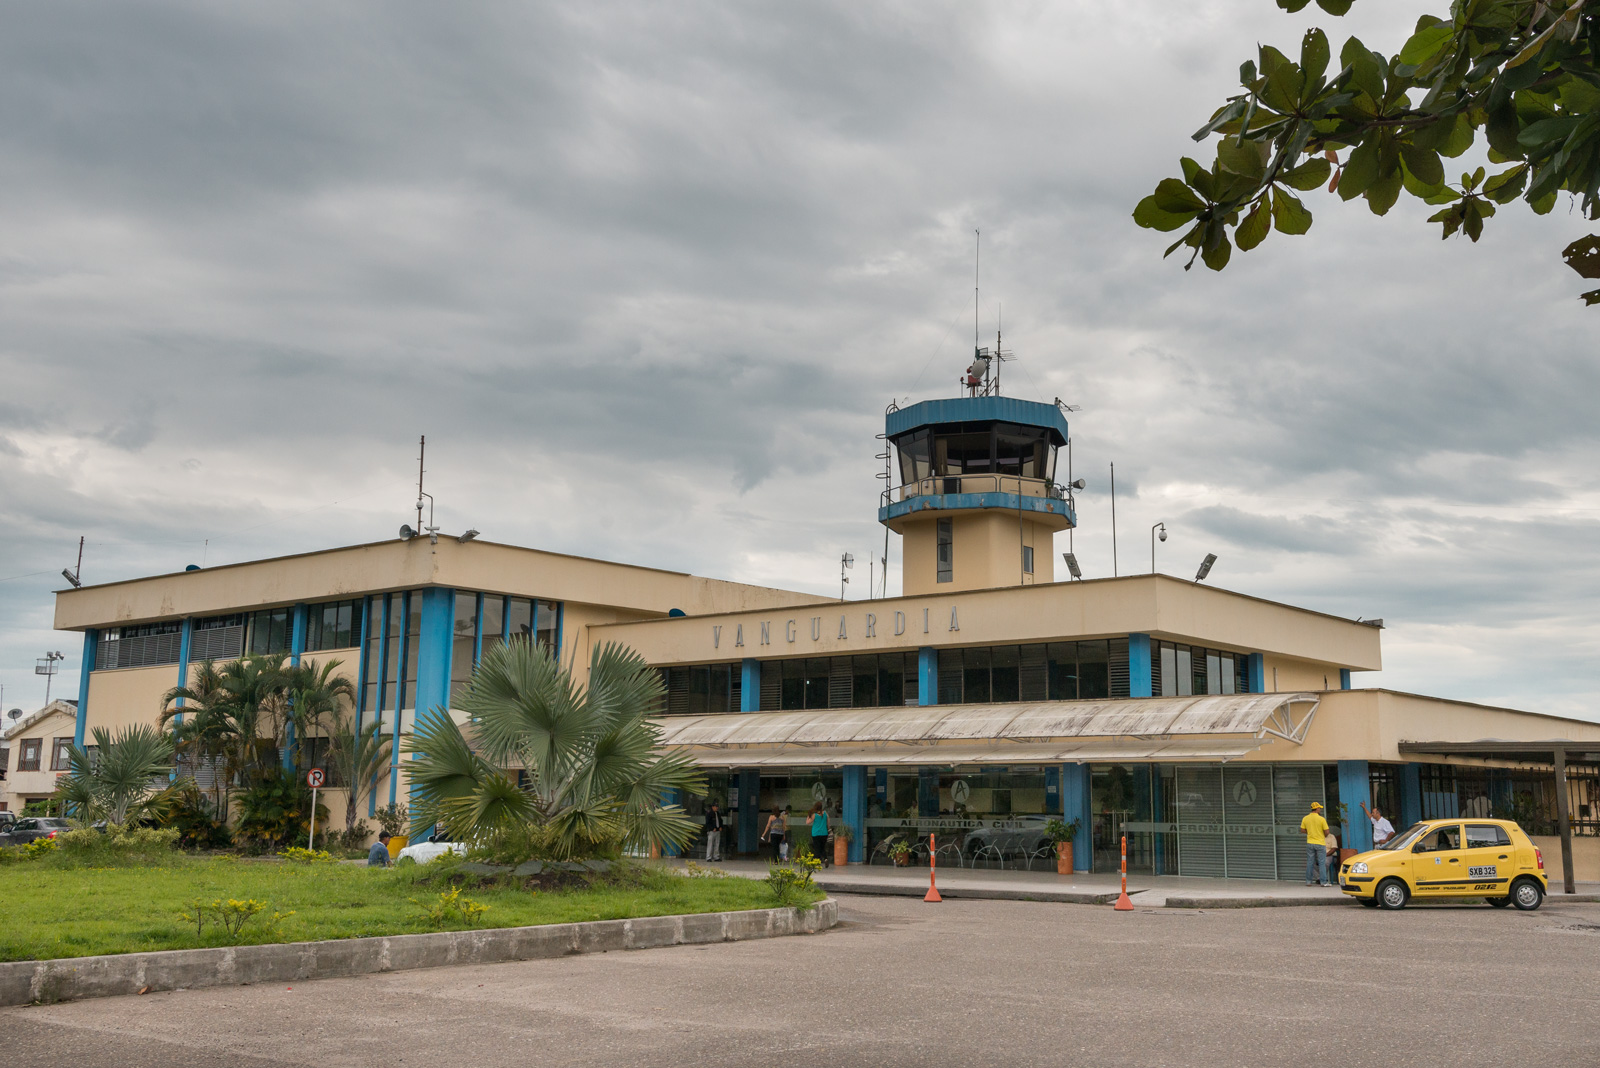 Aeropuerto Vanguardia de Villavicencio VVC